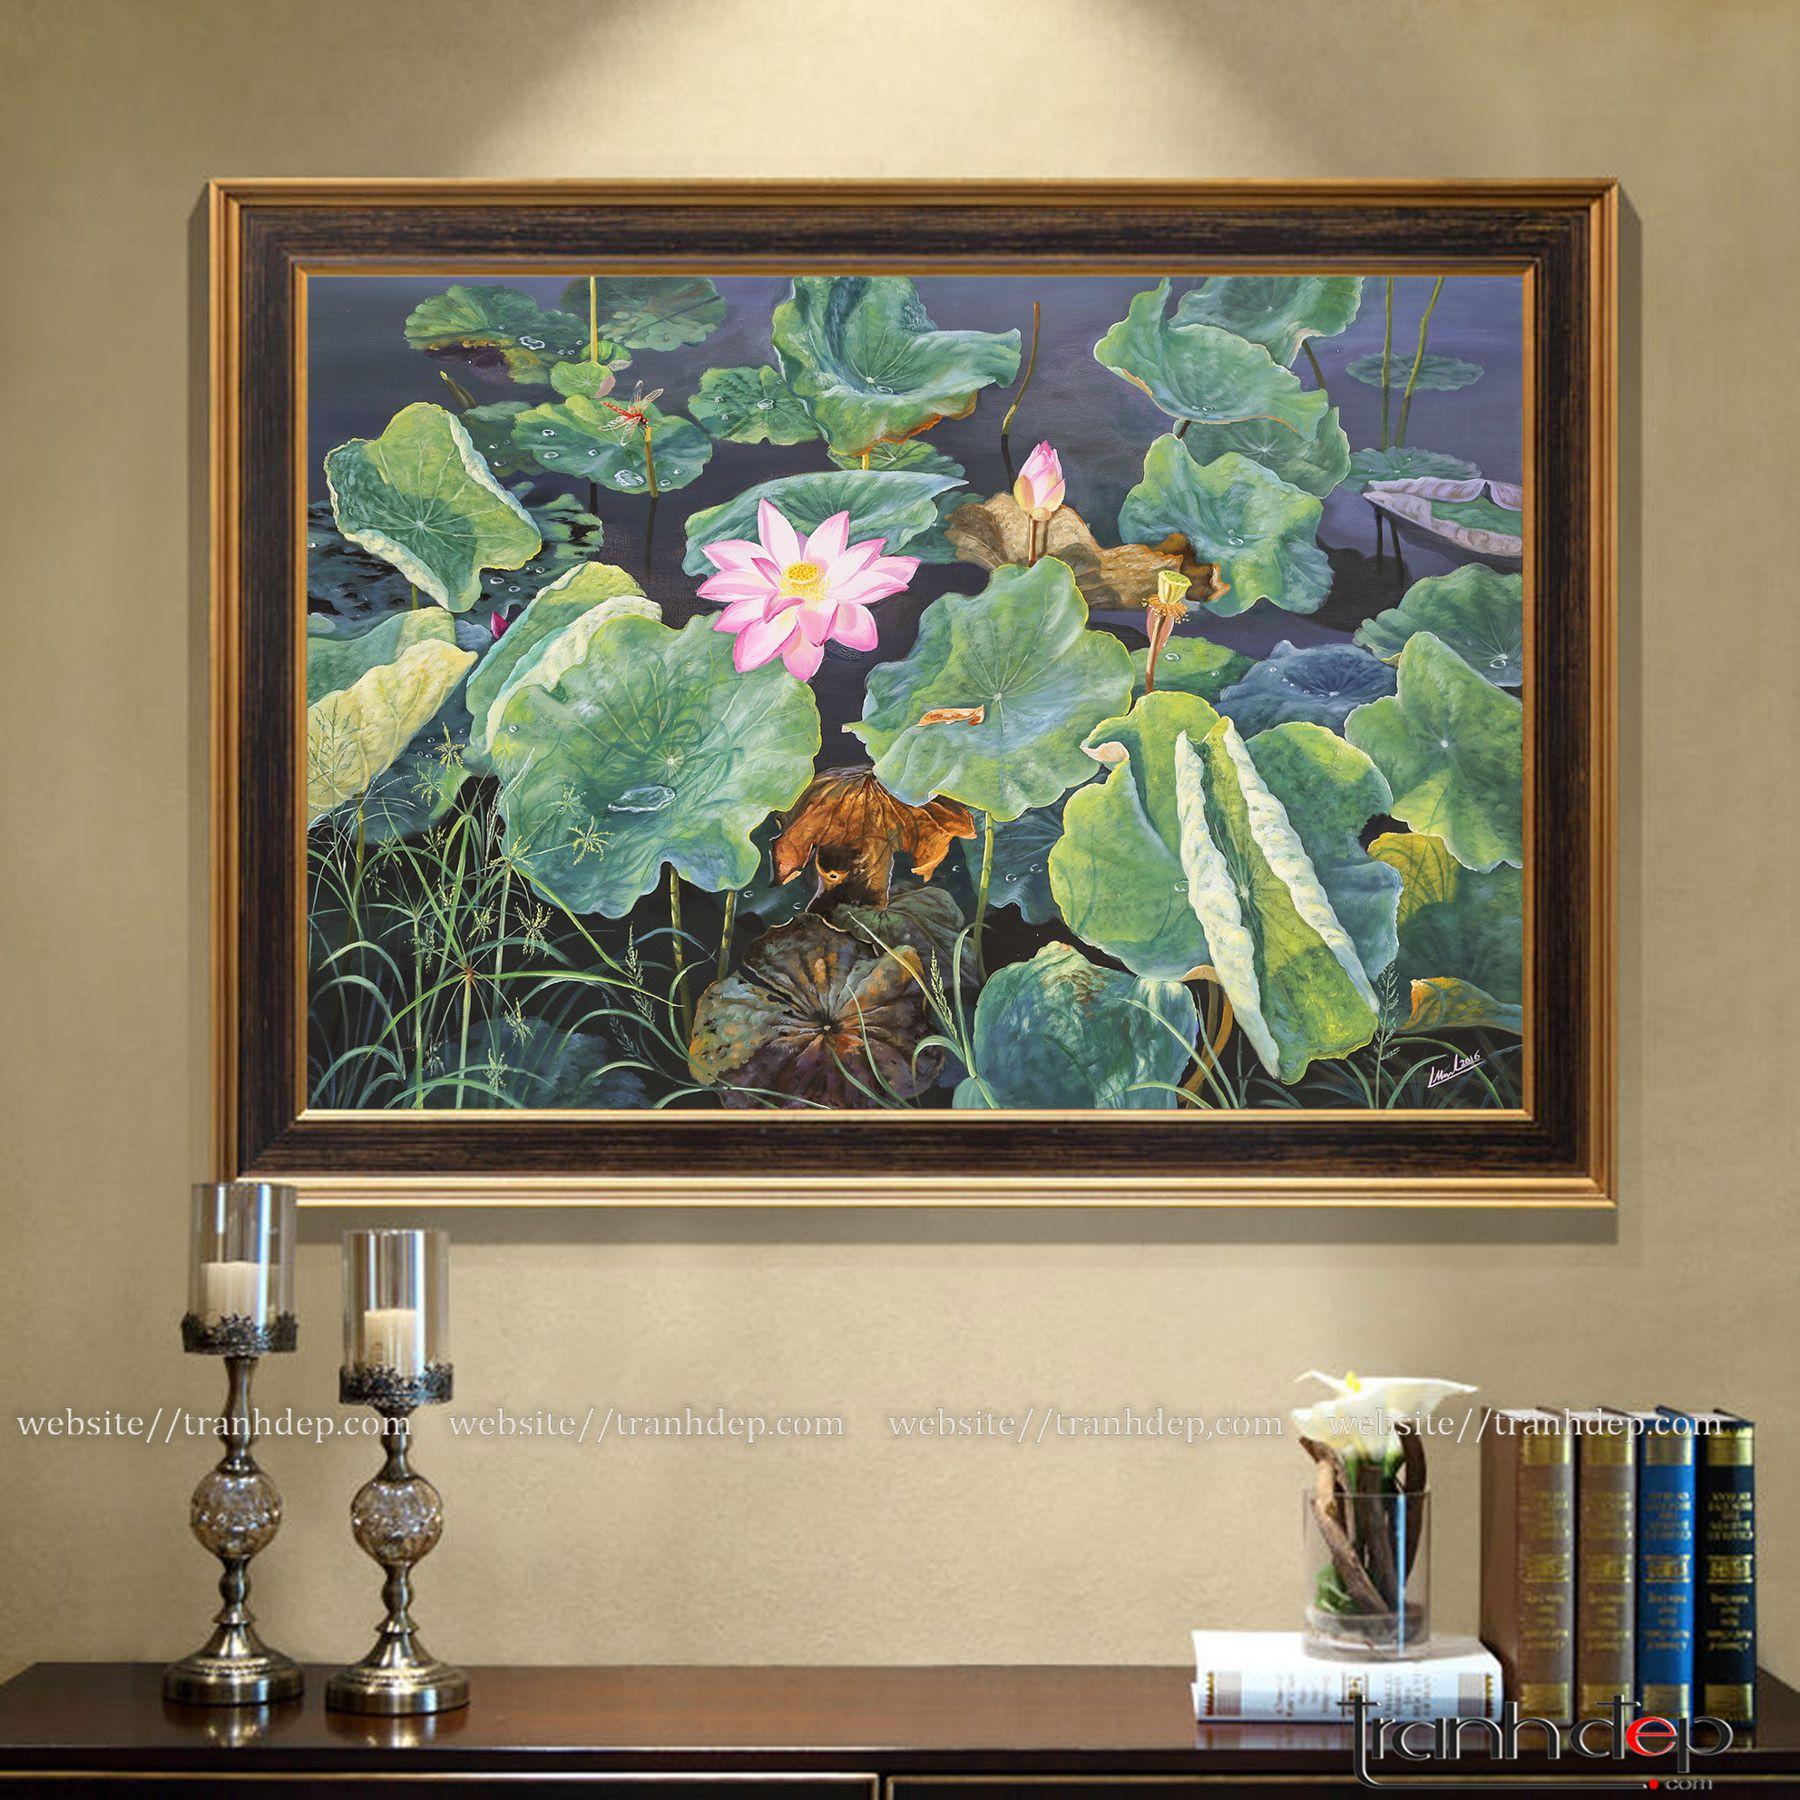 Tranh hoa sen treo tường hiện đại